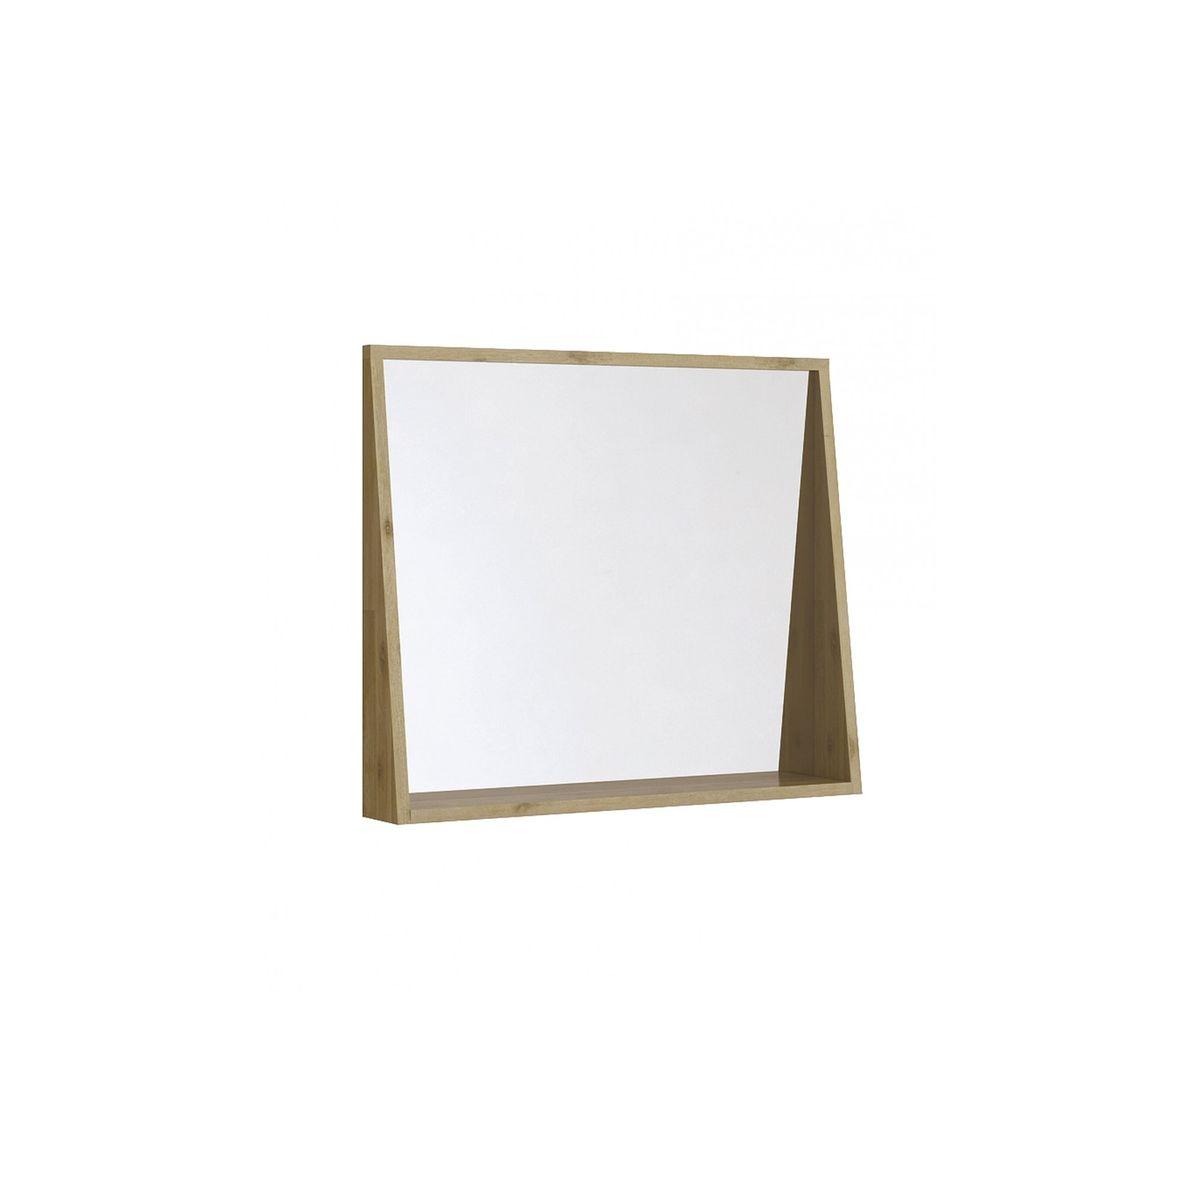 Tablette Salle De Bain 80 Cm miroir de salle de bain en bois massif - 80 cm - benoa